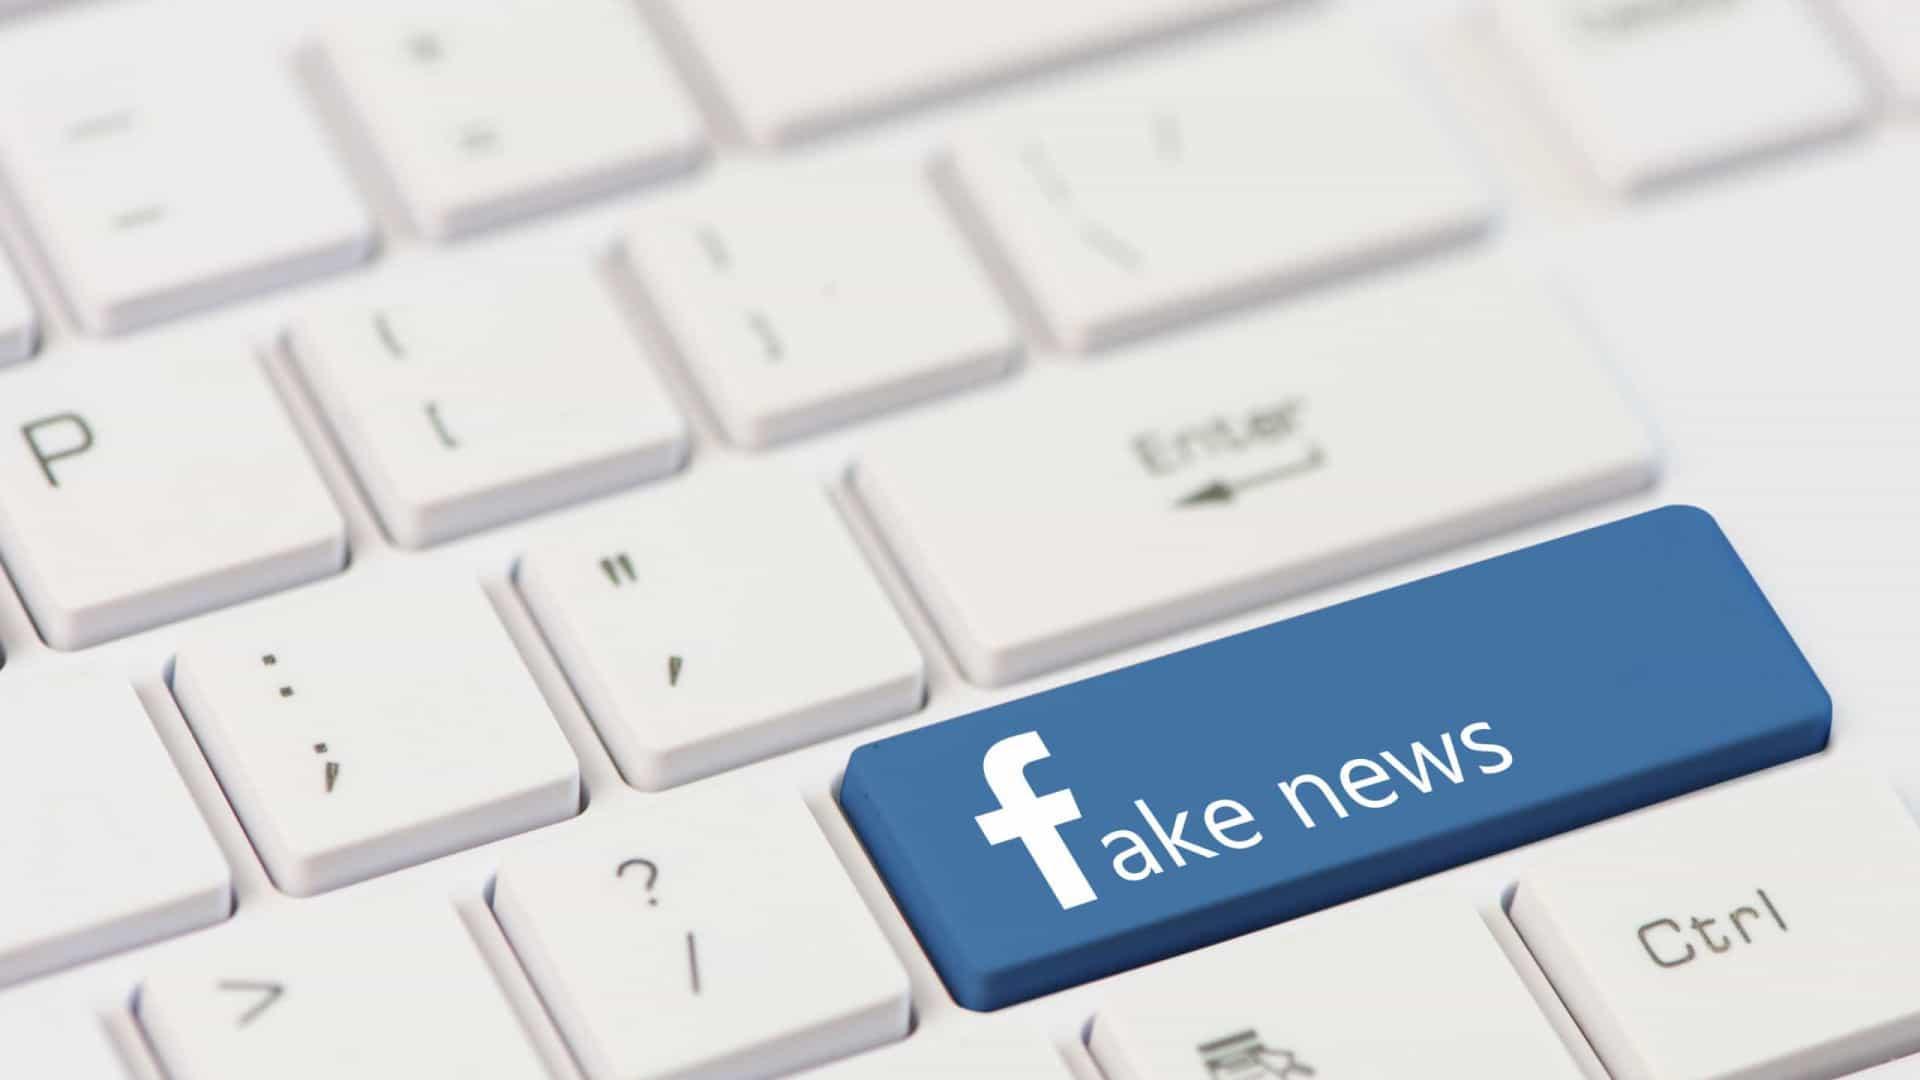 naom 5f0d88aa8f44d - AMEAÇAS: polícia faz ação contra suspeitos de extorquir políticos com fake news